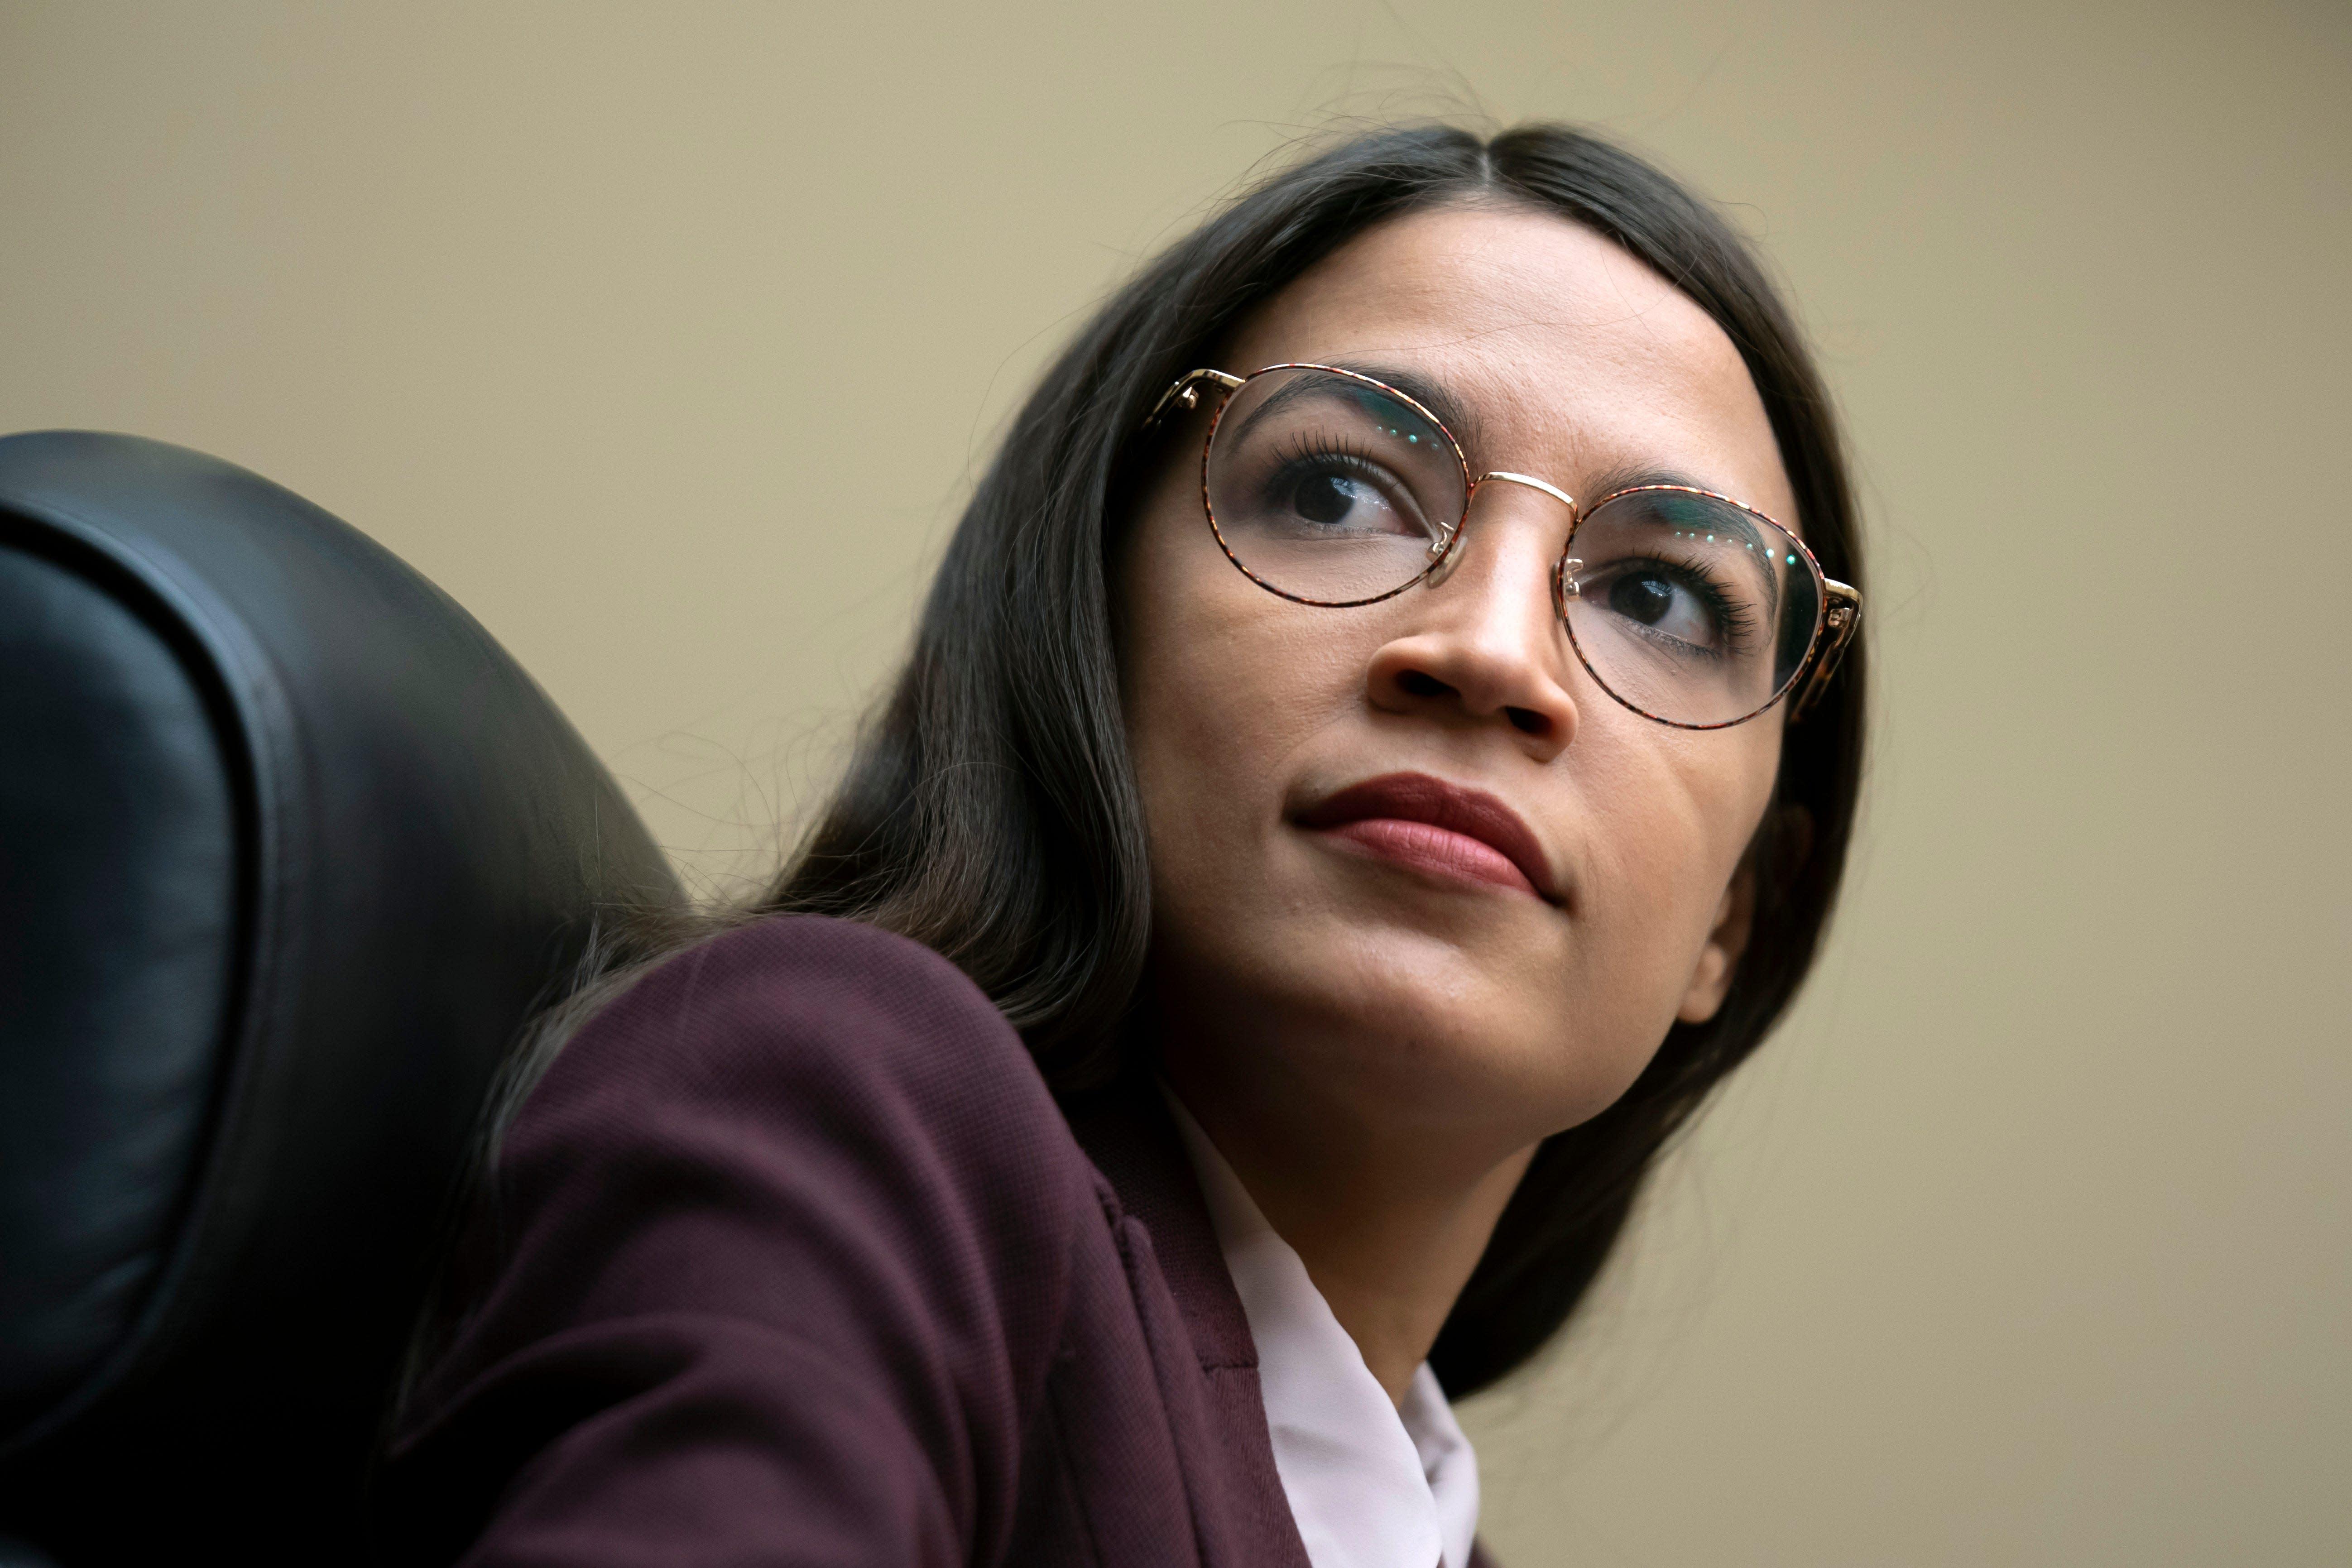 Alexandria Ocasio-Cortez says tweets by her ex-chief of staff were 'divisive'